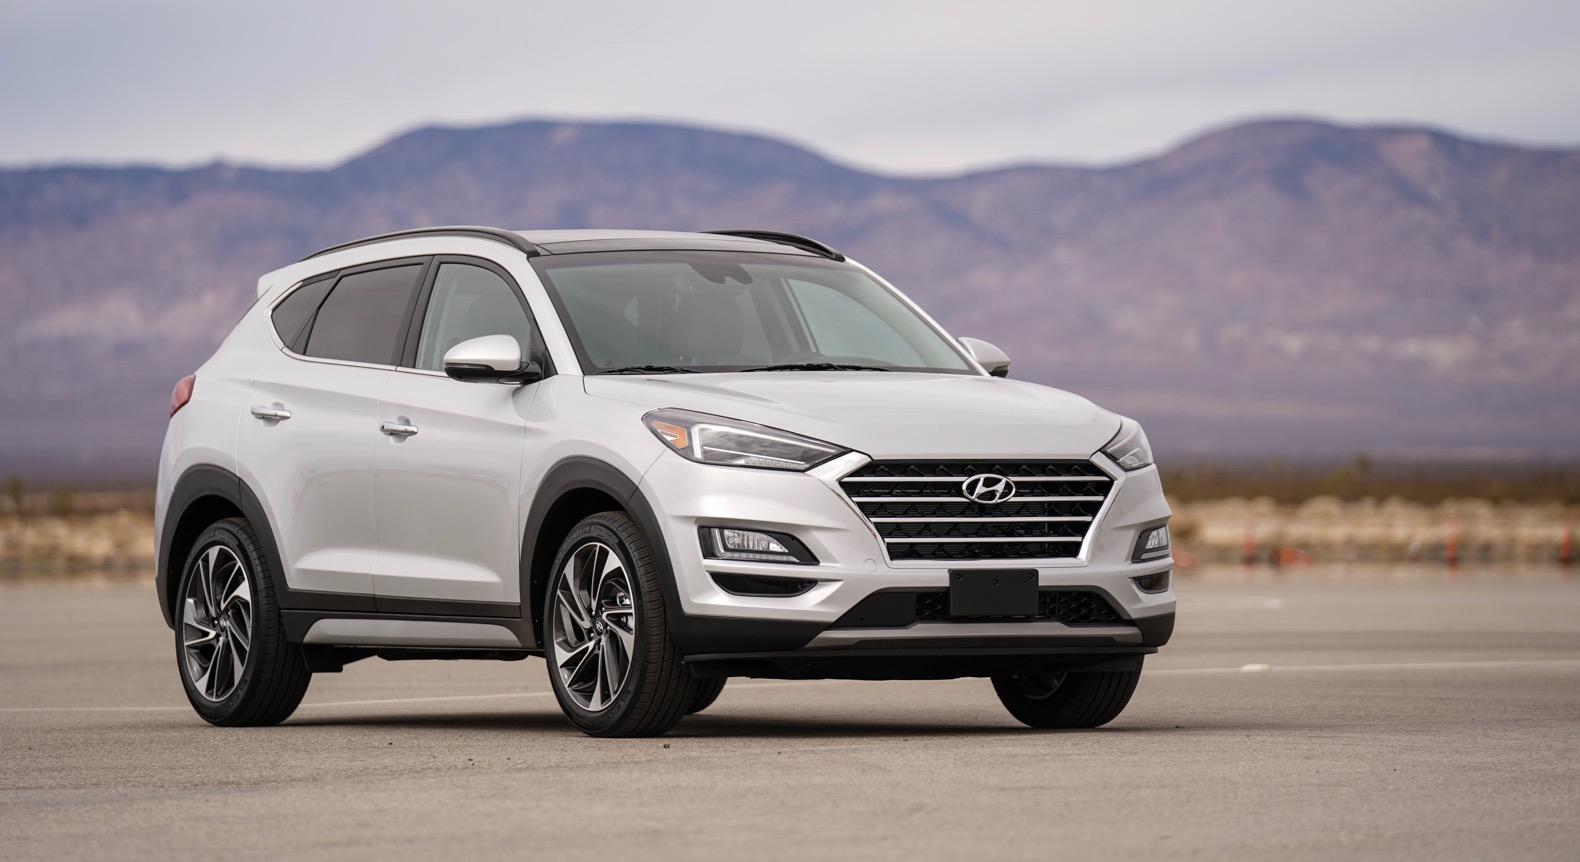 2019-Hyundai-Tucson-00011.jpg